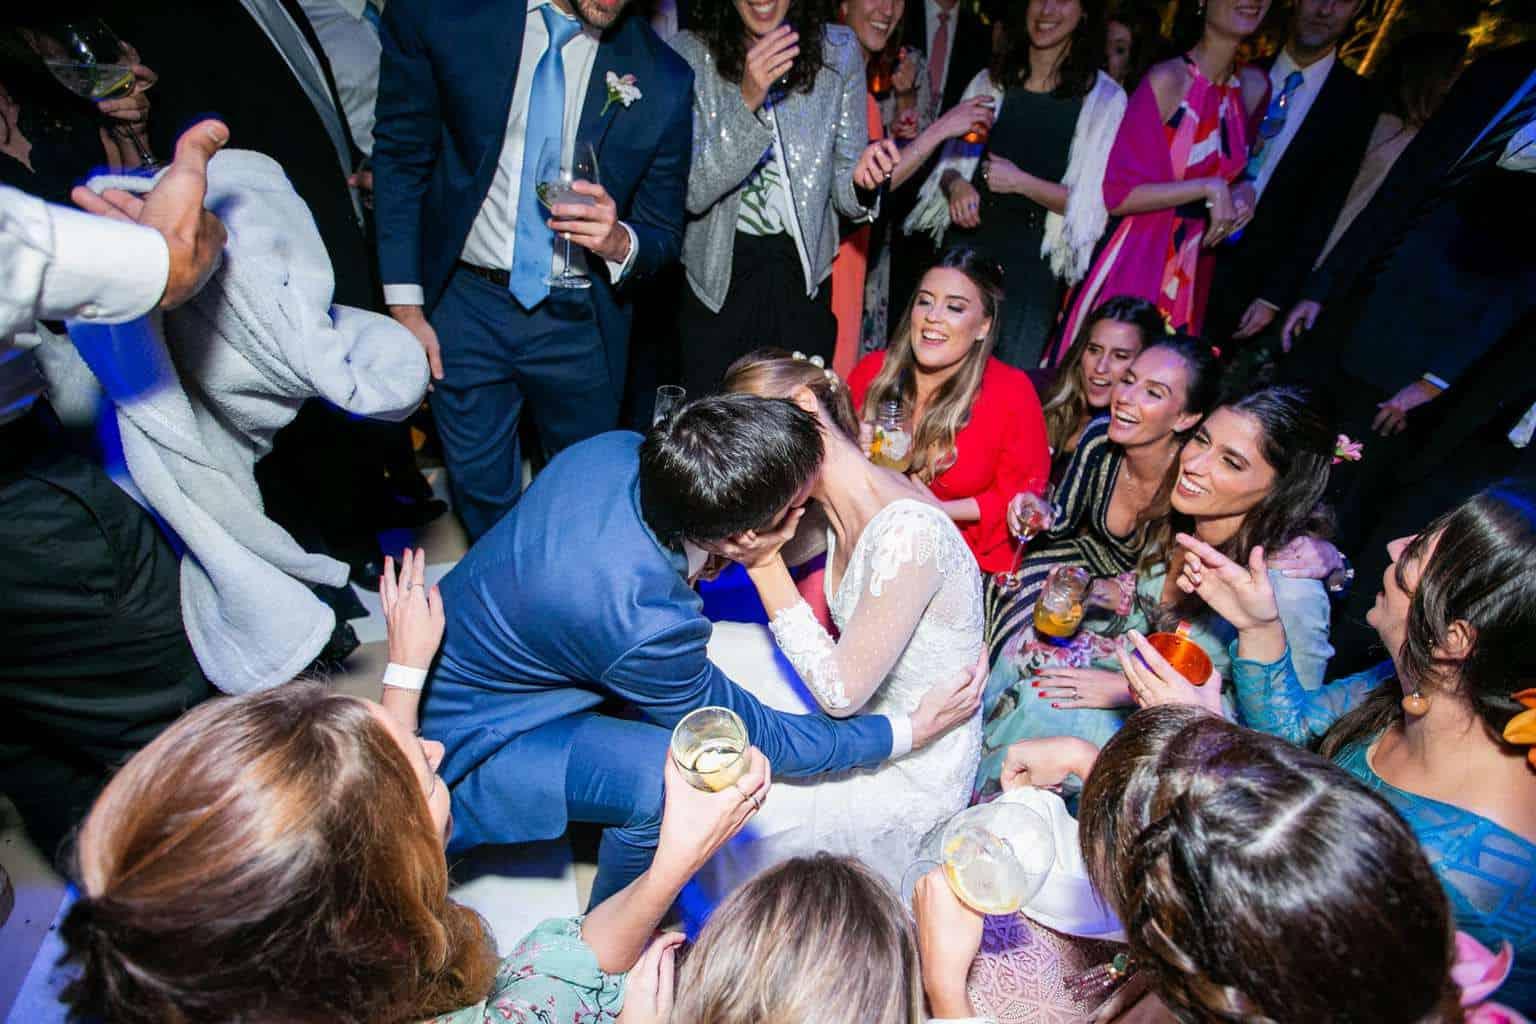 casamento-Camila-e-Diogo-casamento-na-fazenda-casamento-na-serra-casamento-romântico-destination-wedding-Fazenda-Santo-Antonio-festa-Fotografia-Rodrigo-Sack-81